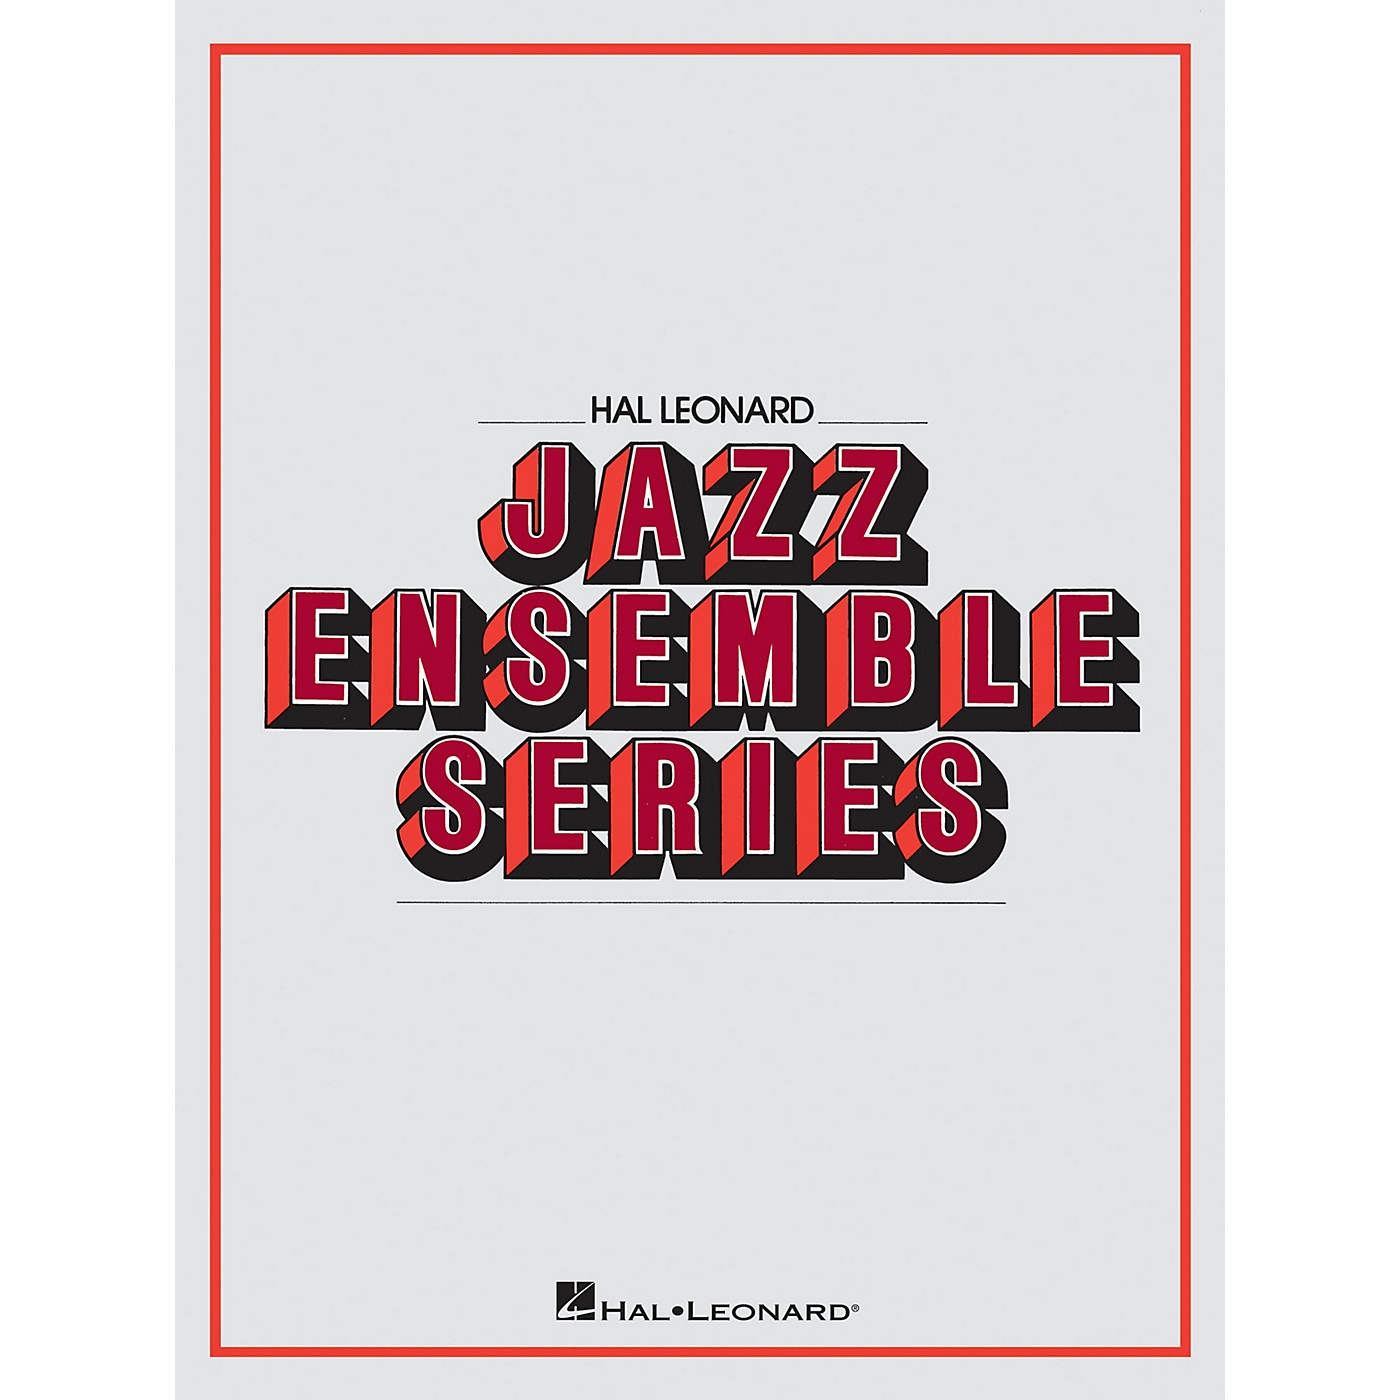 Hal Leonard String Of Pearls, A Jazz Band thumbnail